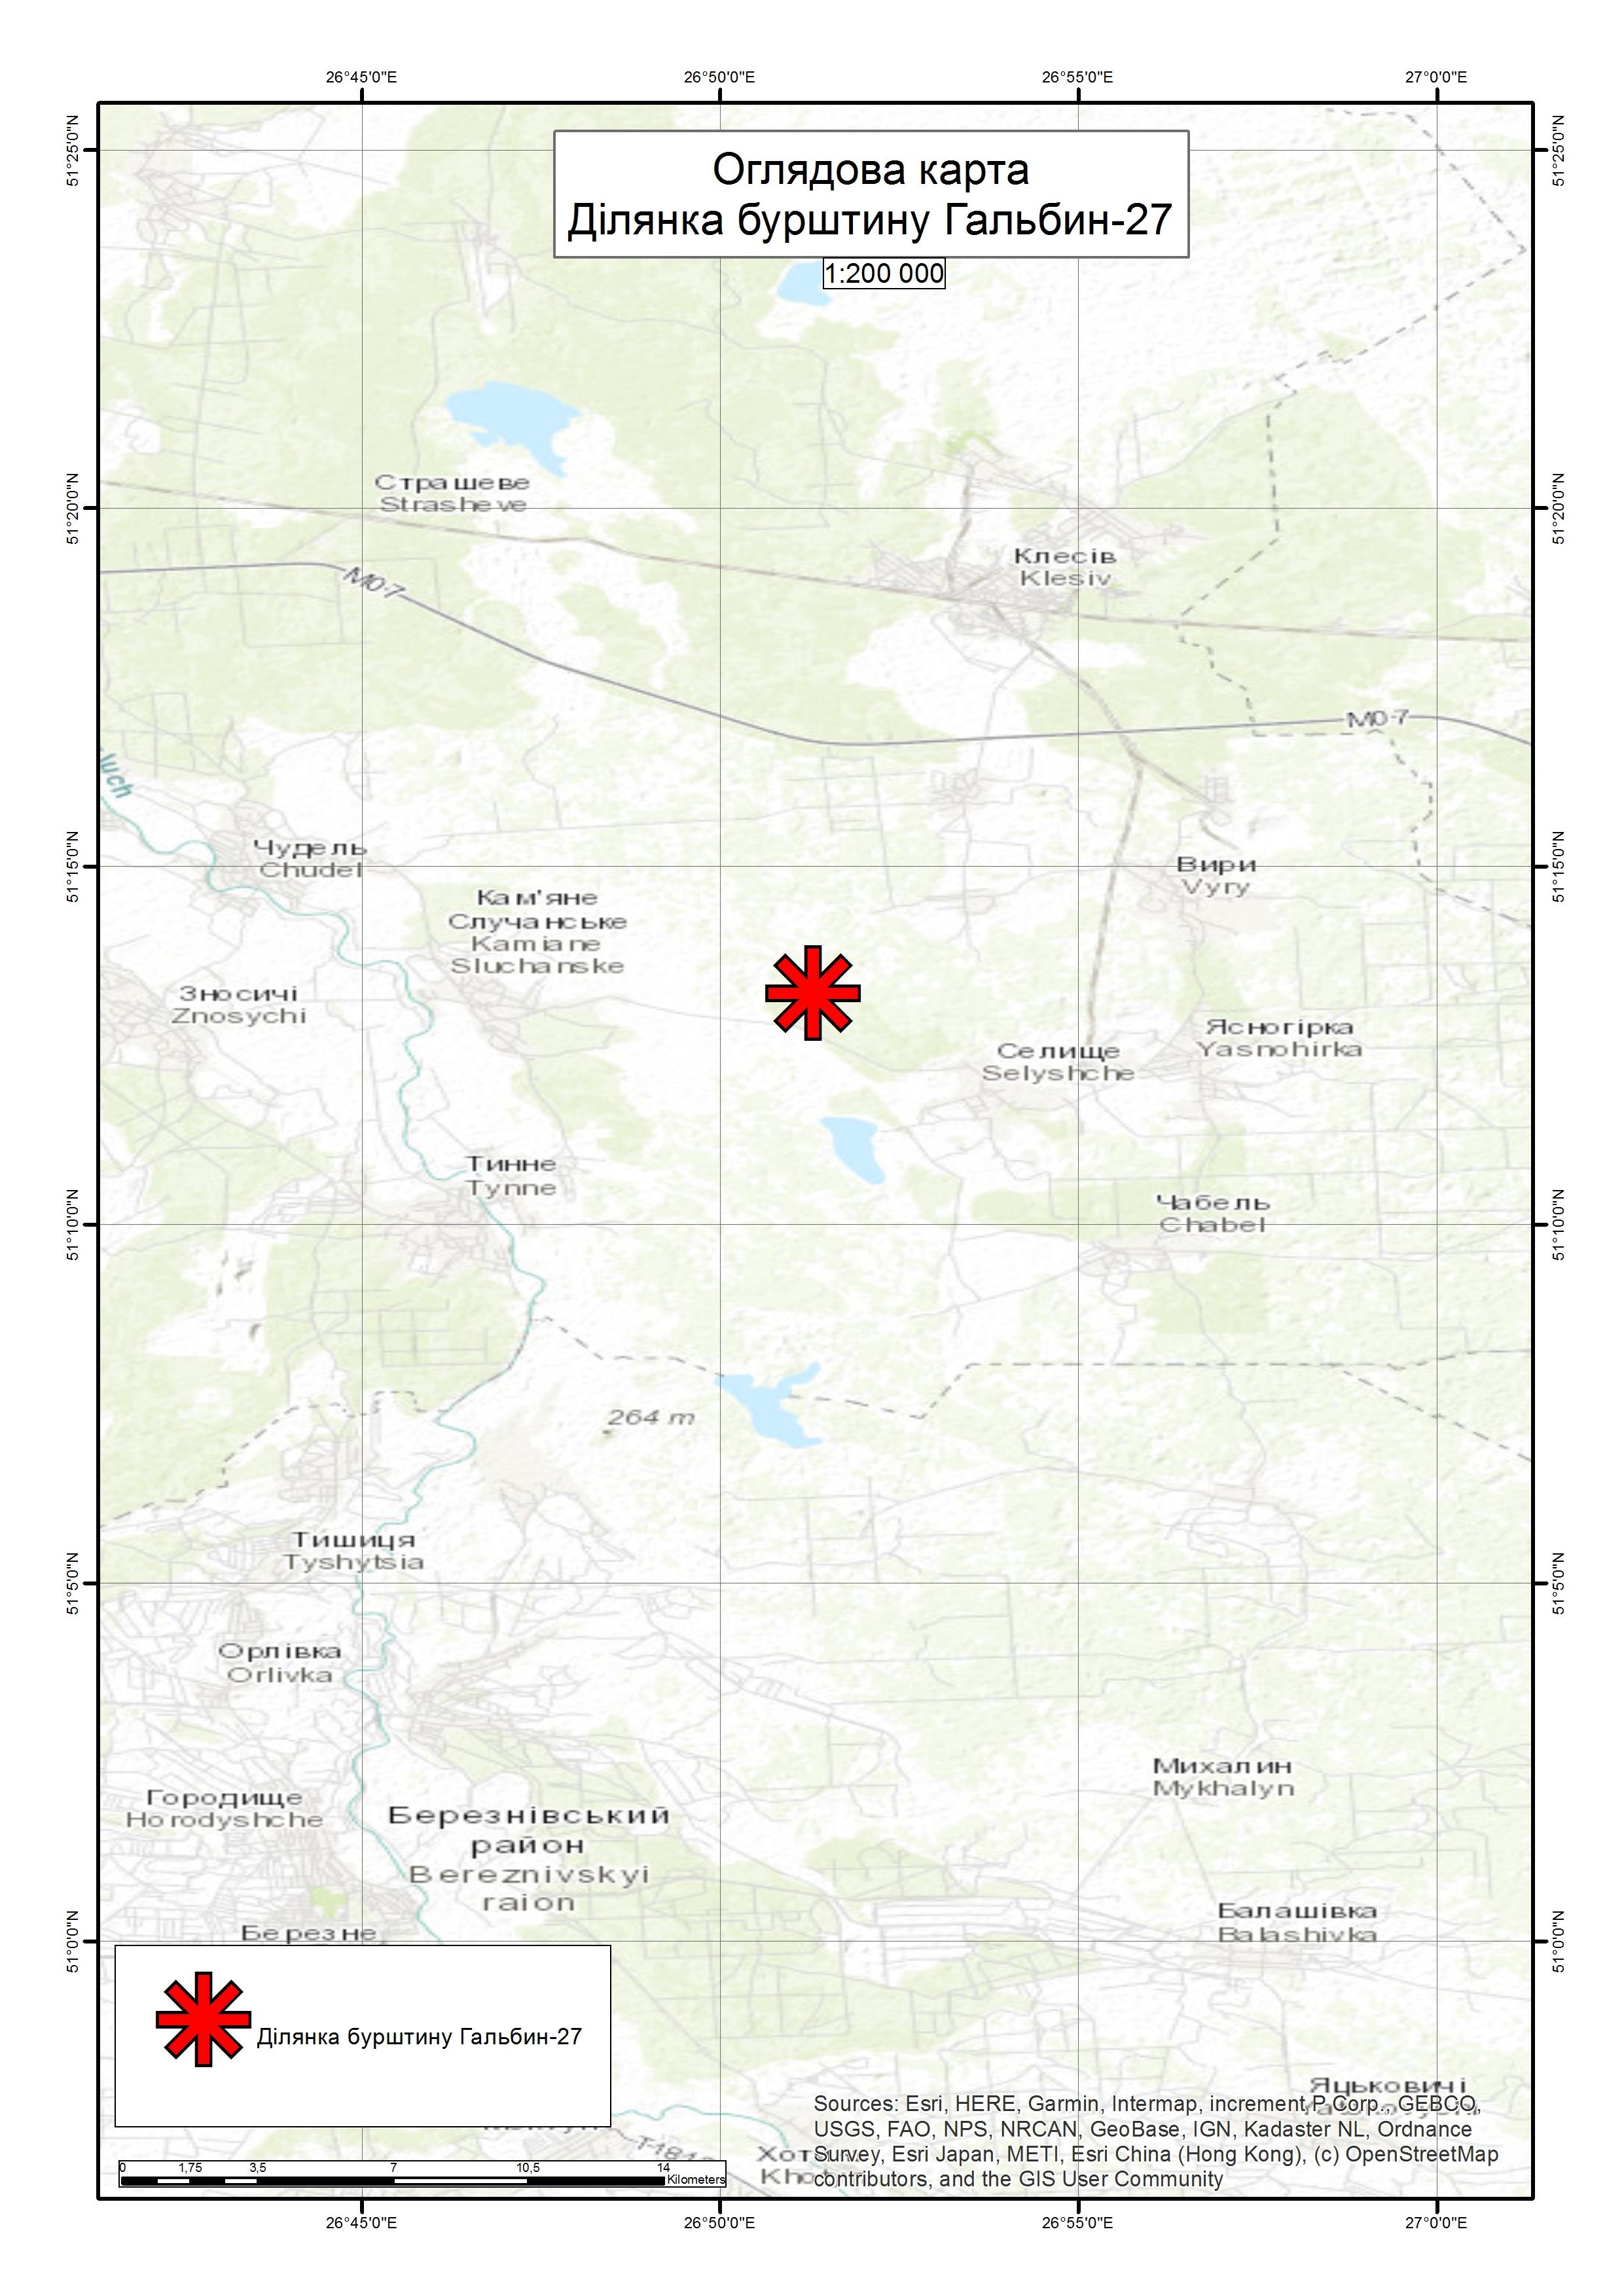 Спеціальний дозвіл на користування надрами – Ділянка Гальбин-27. Вартість геологічної інформації – 102 610,39 грн (з ПДВ). Вартість пакету аукціонної документації – 10 141,25 грн (з ПДВ).